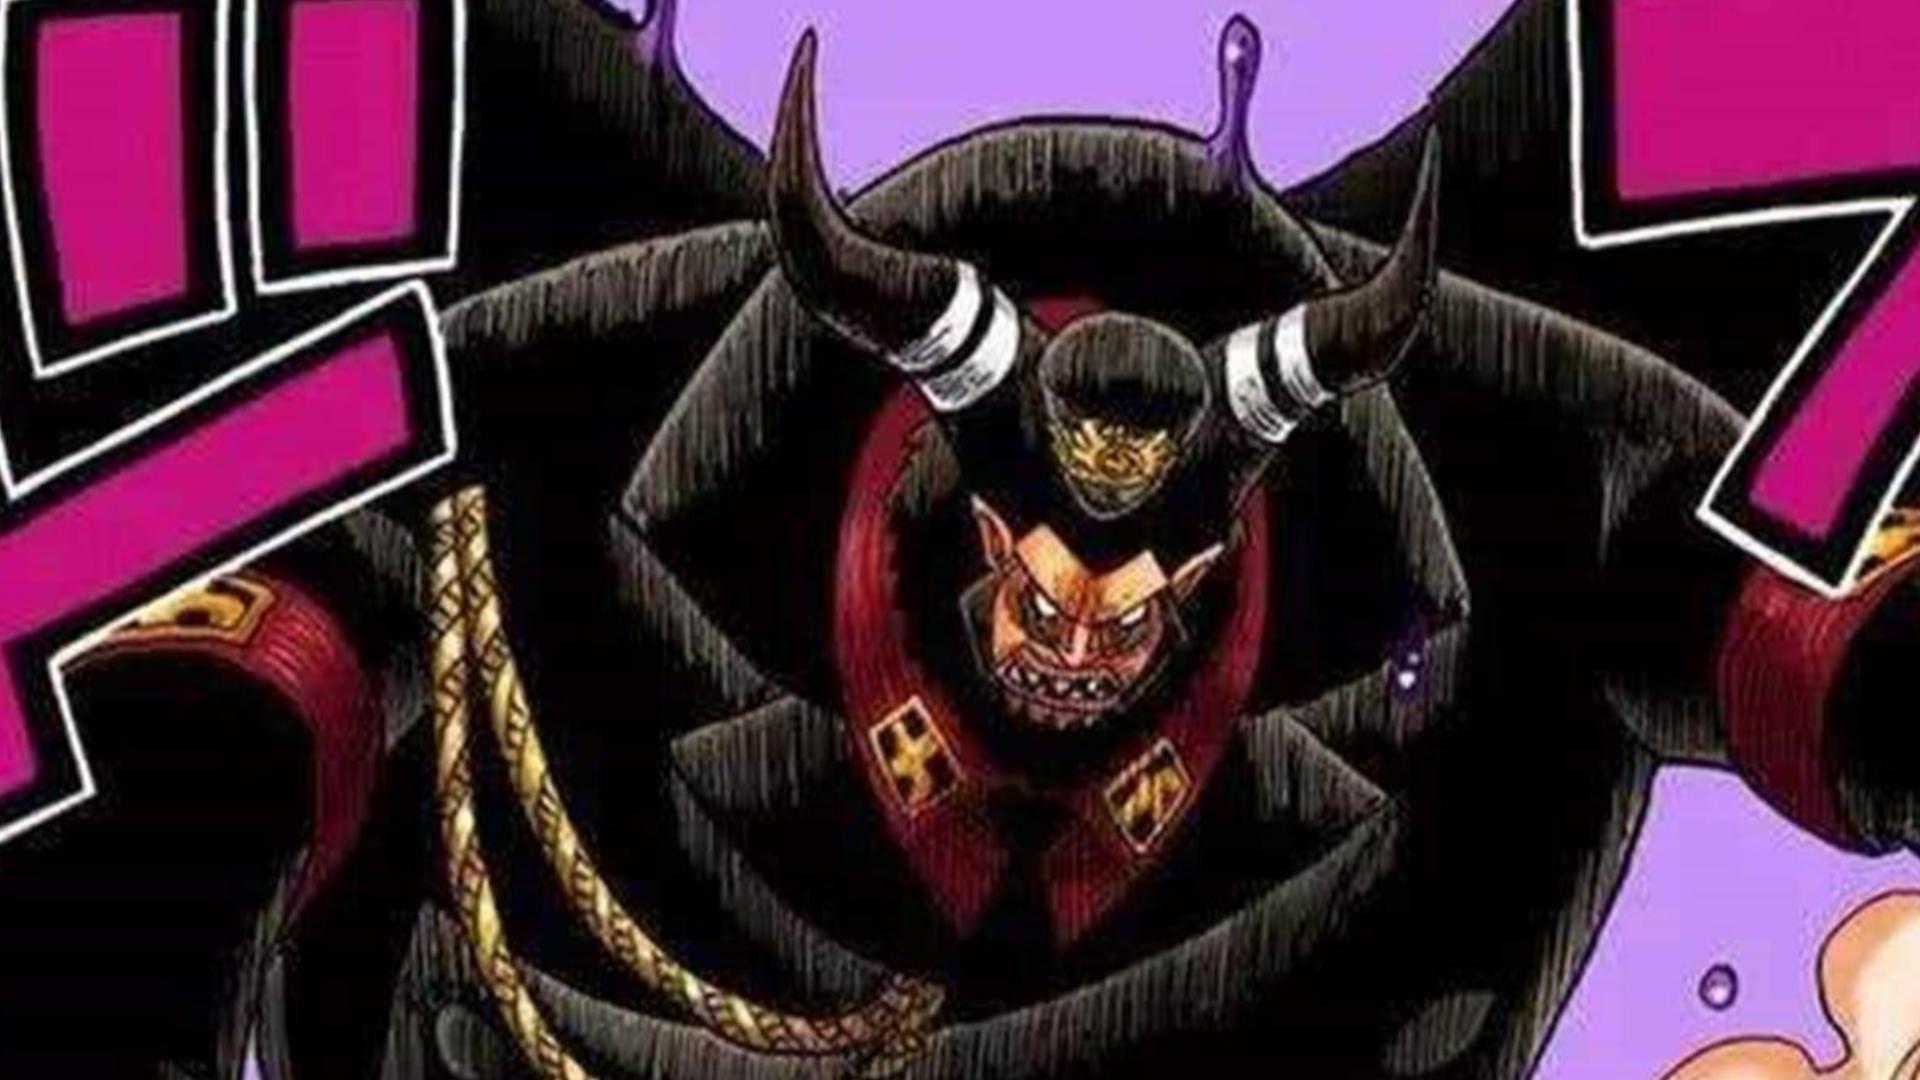 海贼王:副作用奇妙的恶魔果实,童趣果实榜上有名